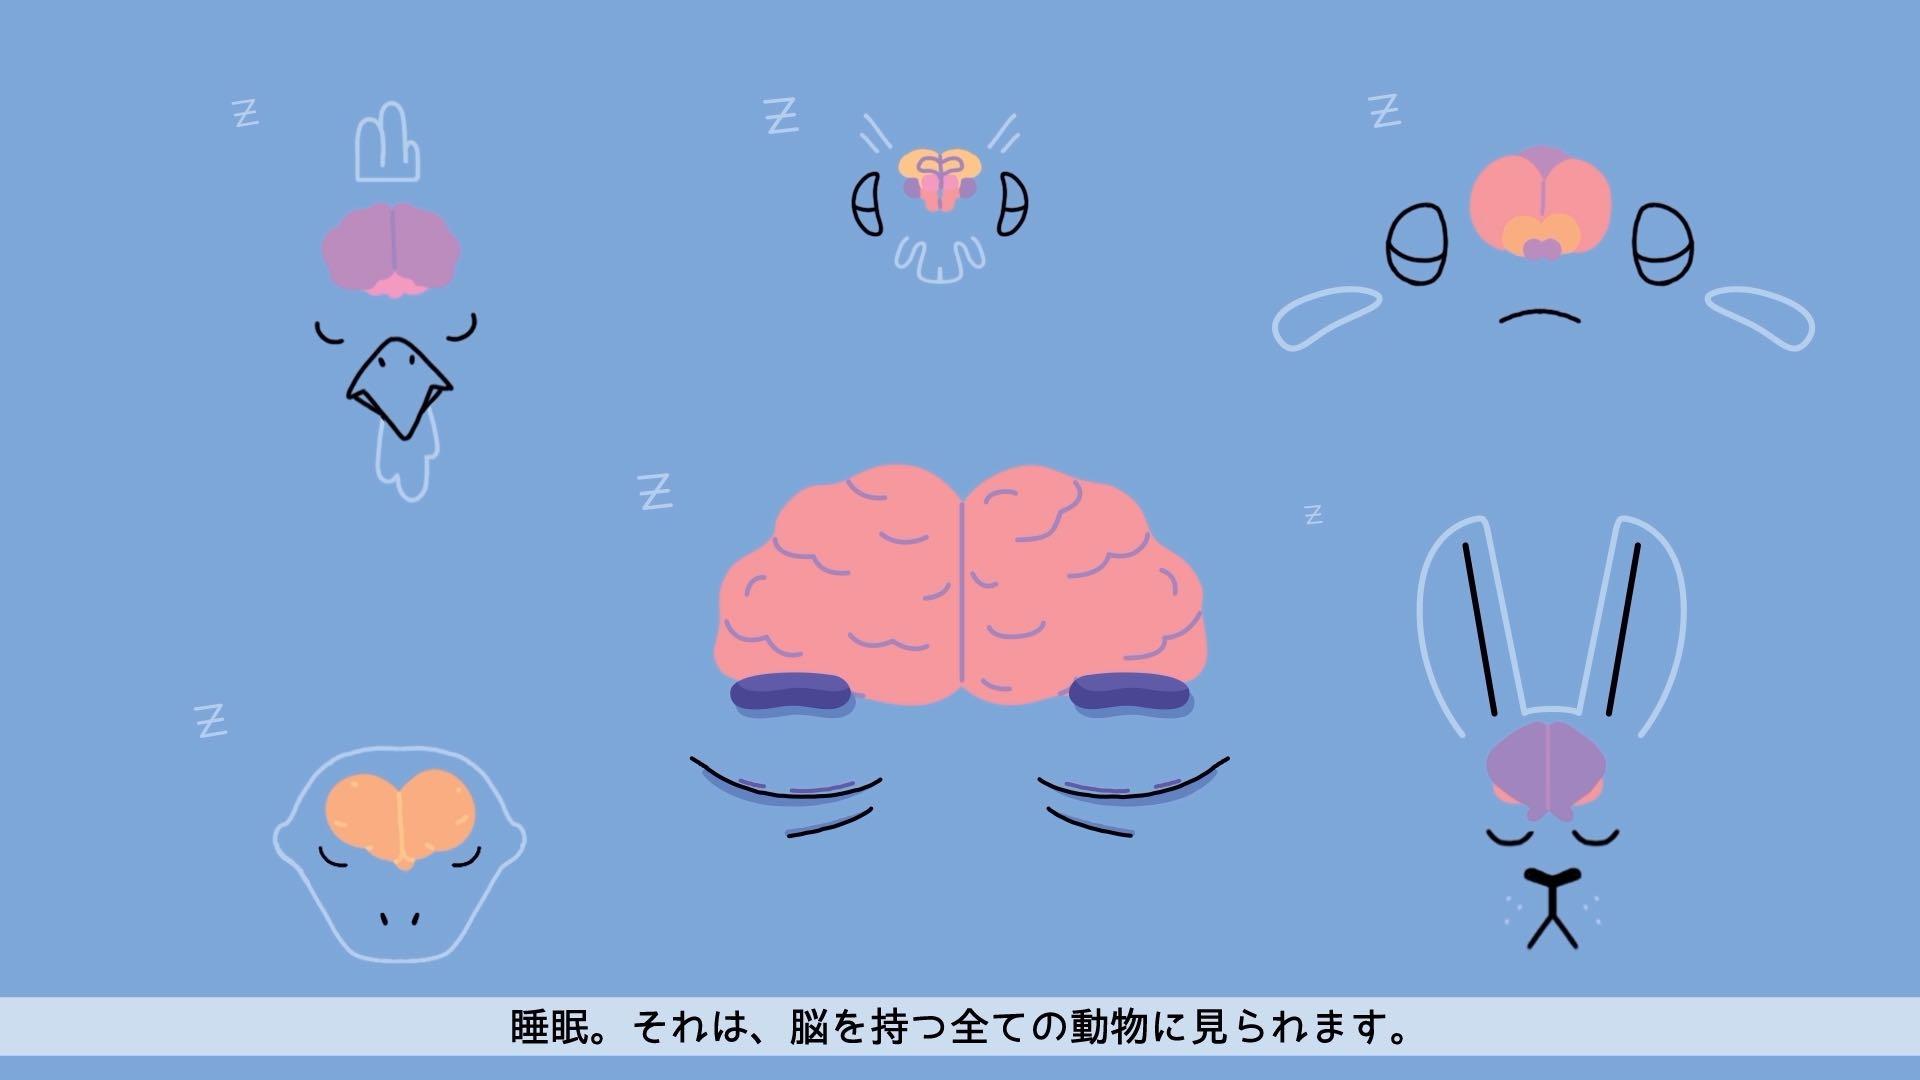 筑波大学国際統合睡眠医科学研究機構 様